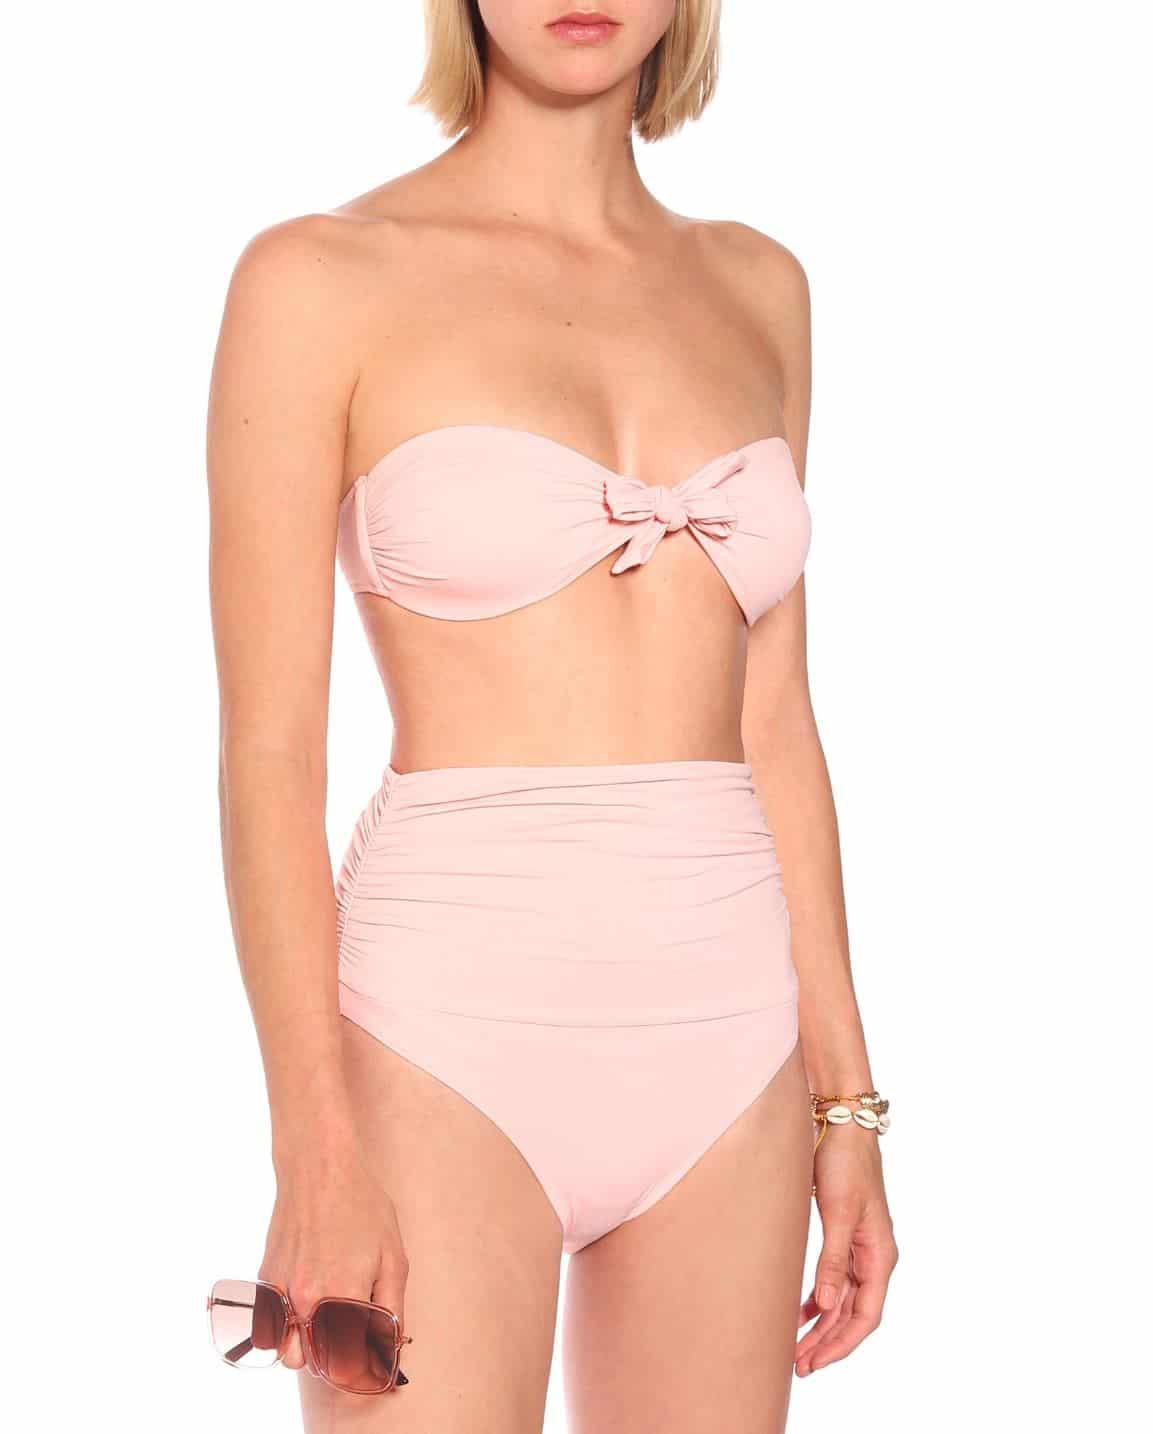 Vintage pink bikini